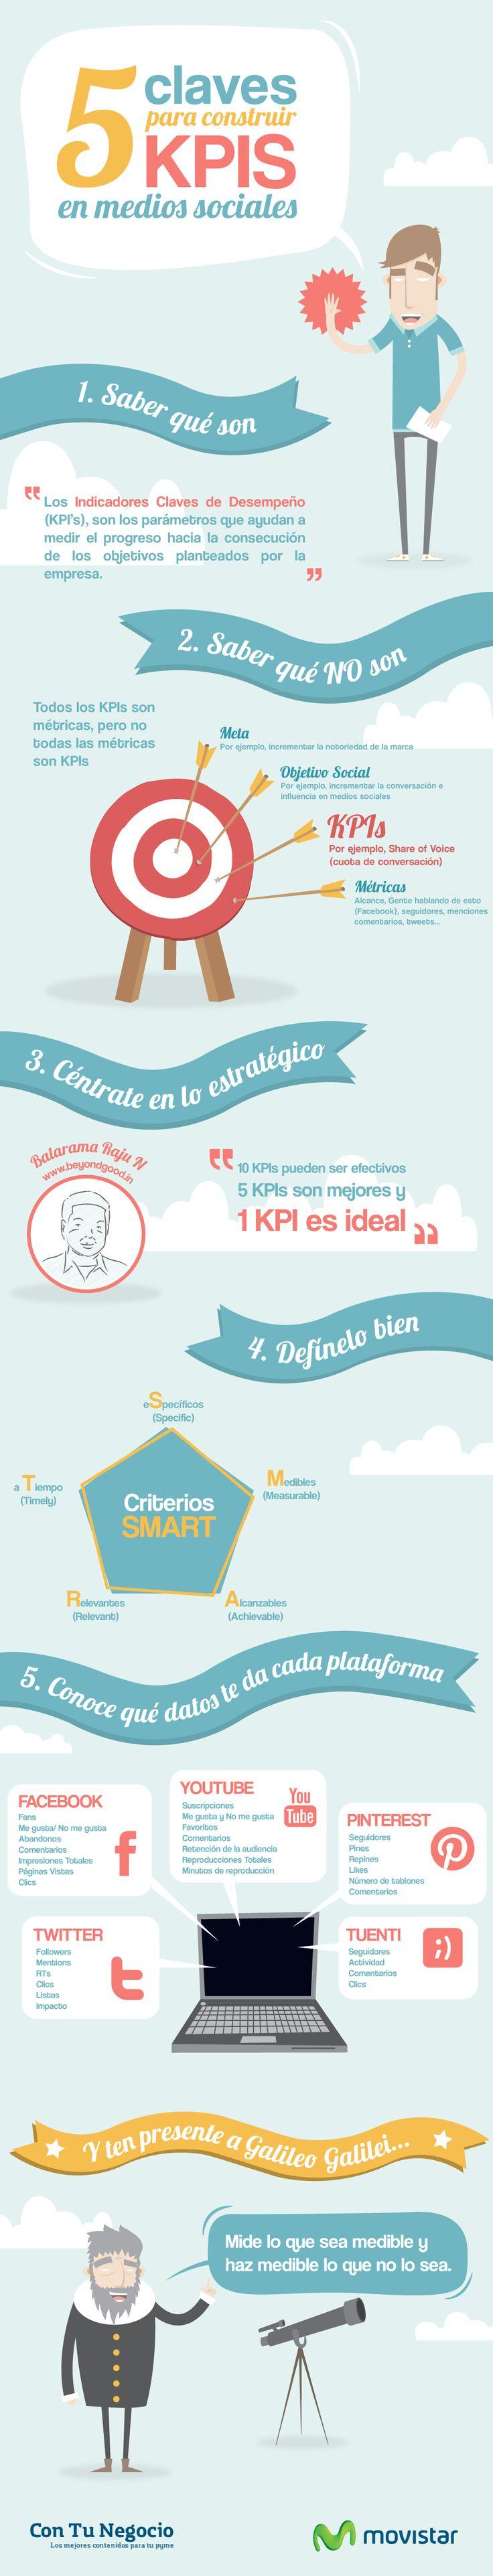 KPI Indicadores de Desempeño